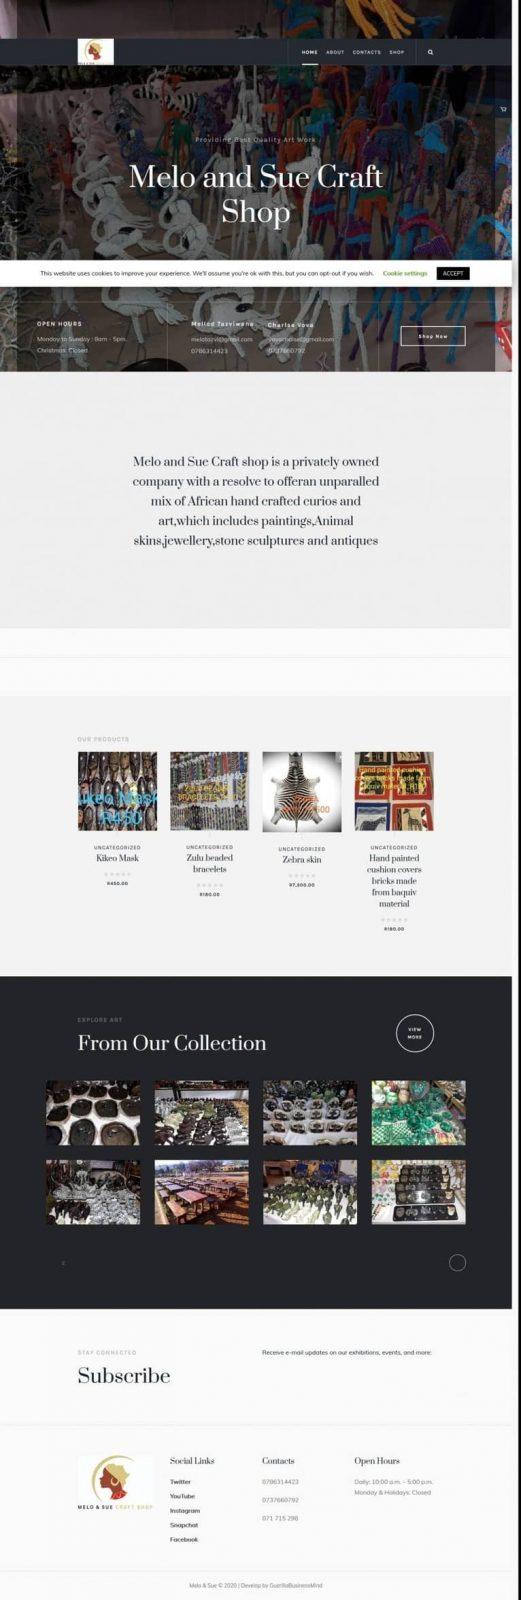 Meloand Suescraft website screenshot for a portfolio of Business category